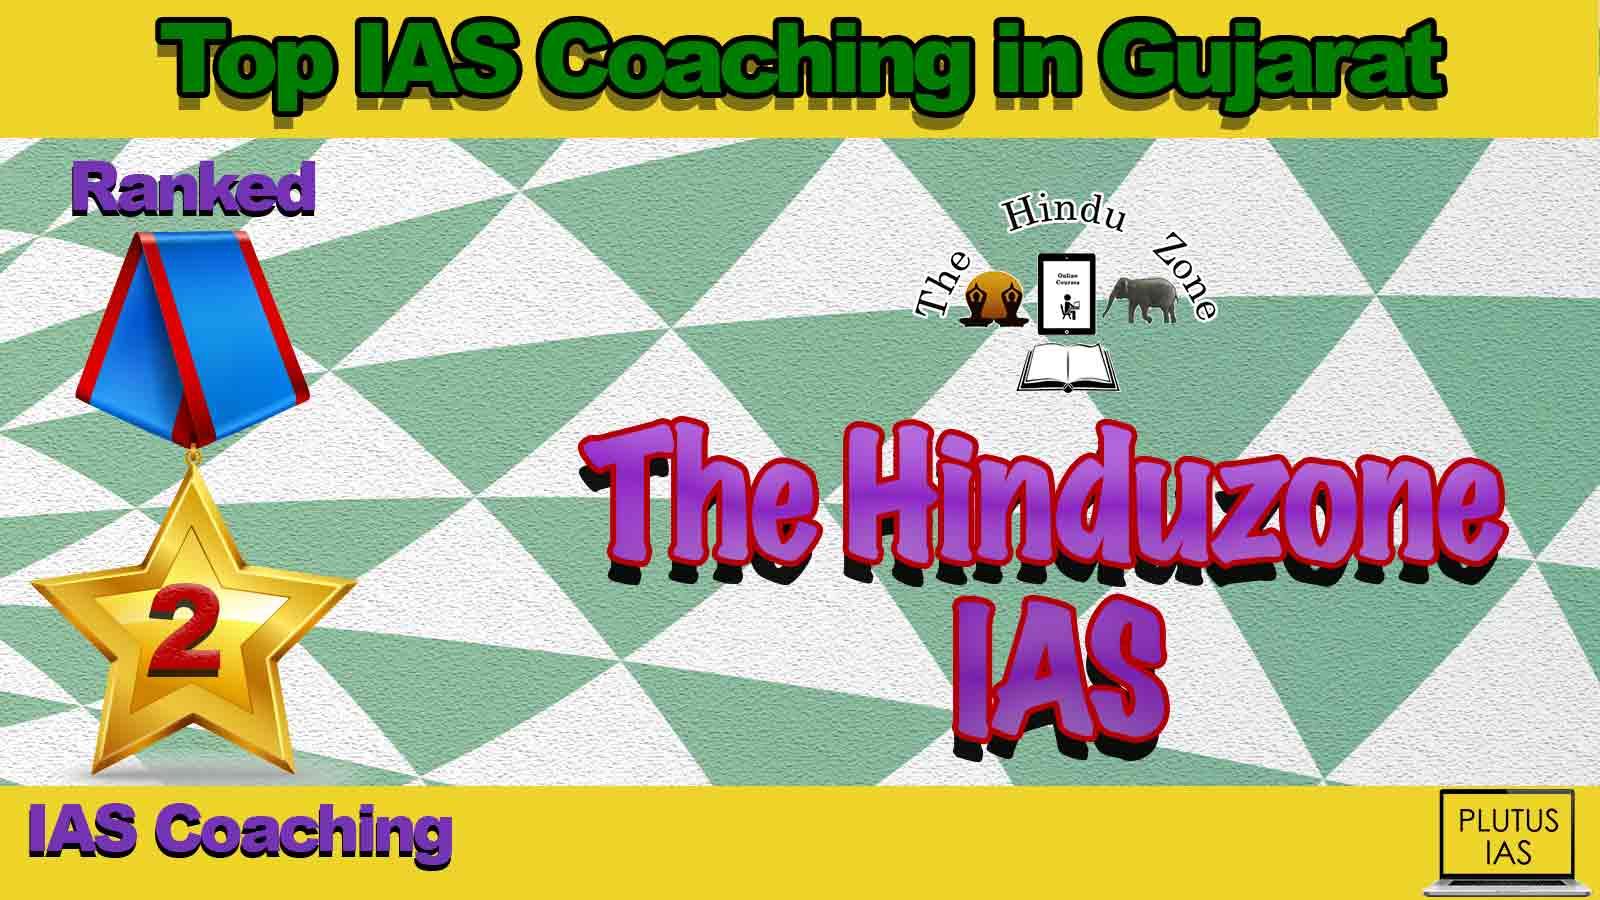 Best IAS Coaching in Gujarat